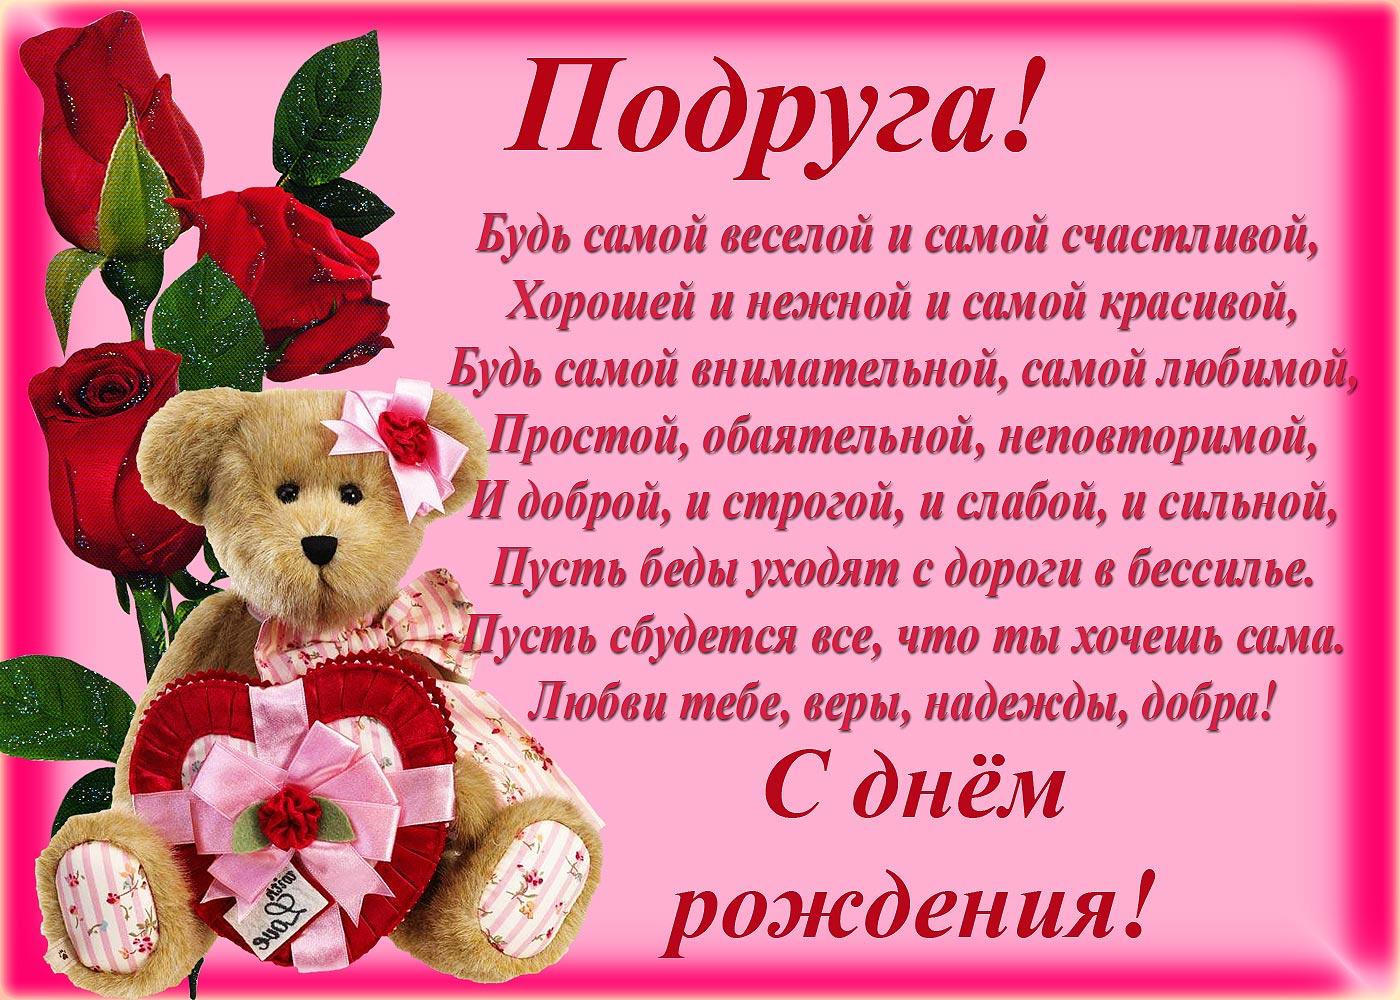 Поздравления с днем рождения подруге